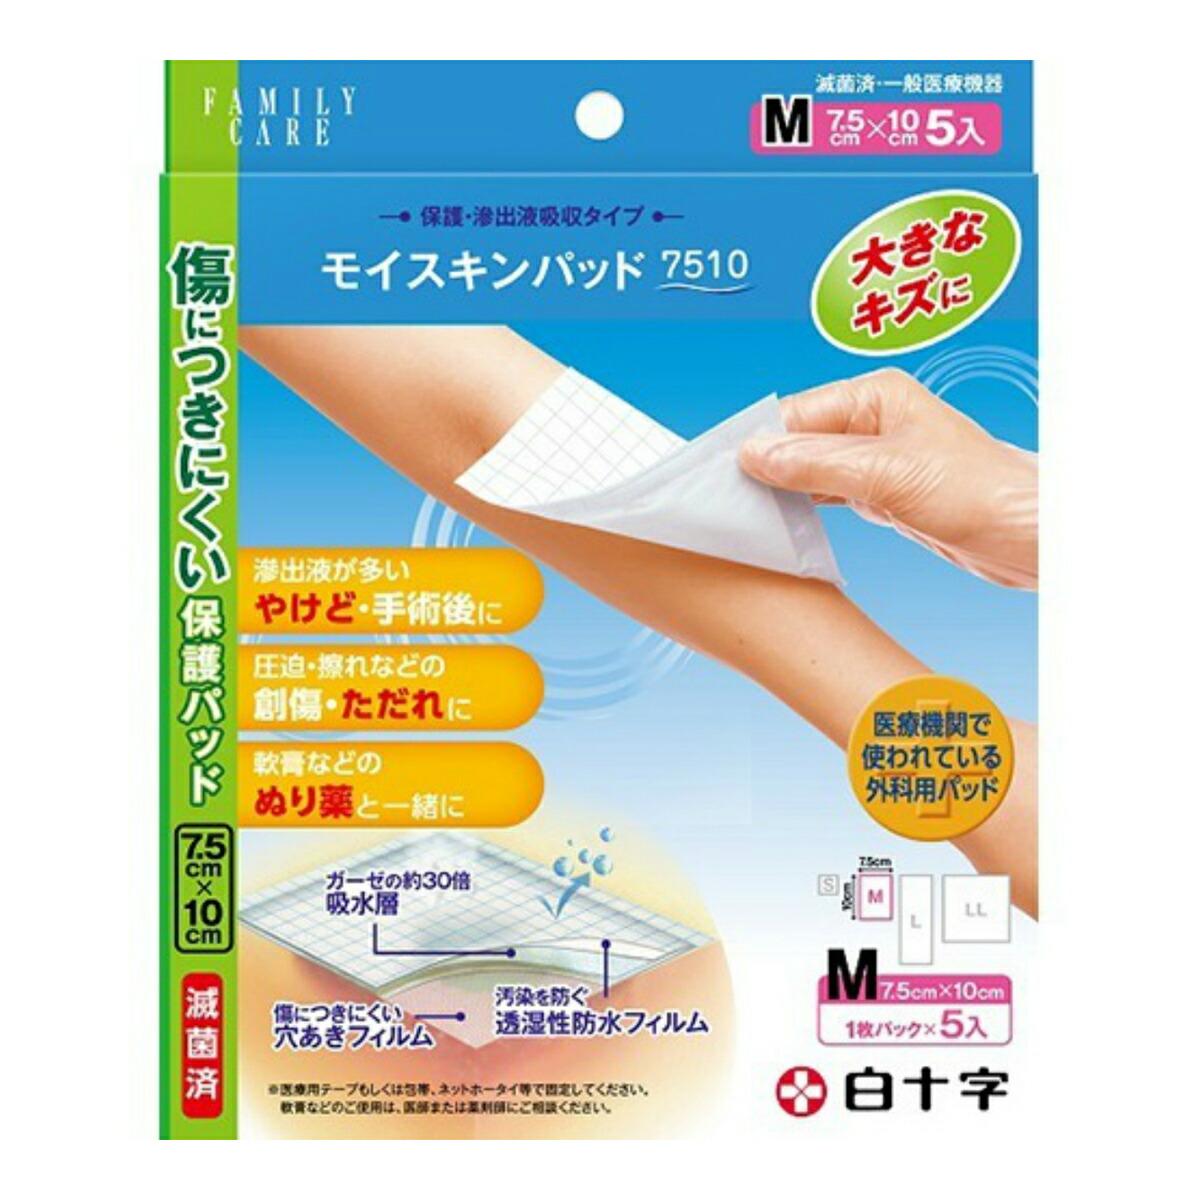 【送料込】FC モイスキンパッド 7510 M 5枚入×80個セット ( 4987603190979 )